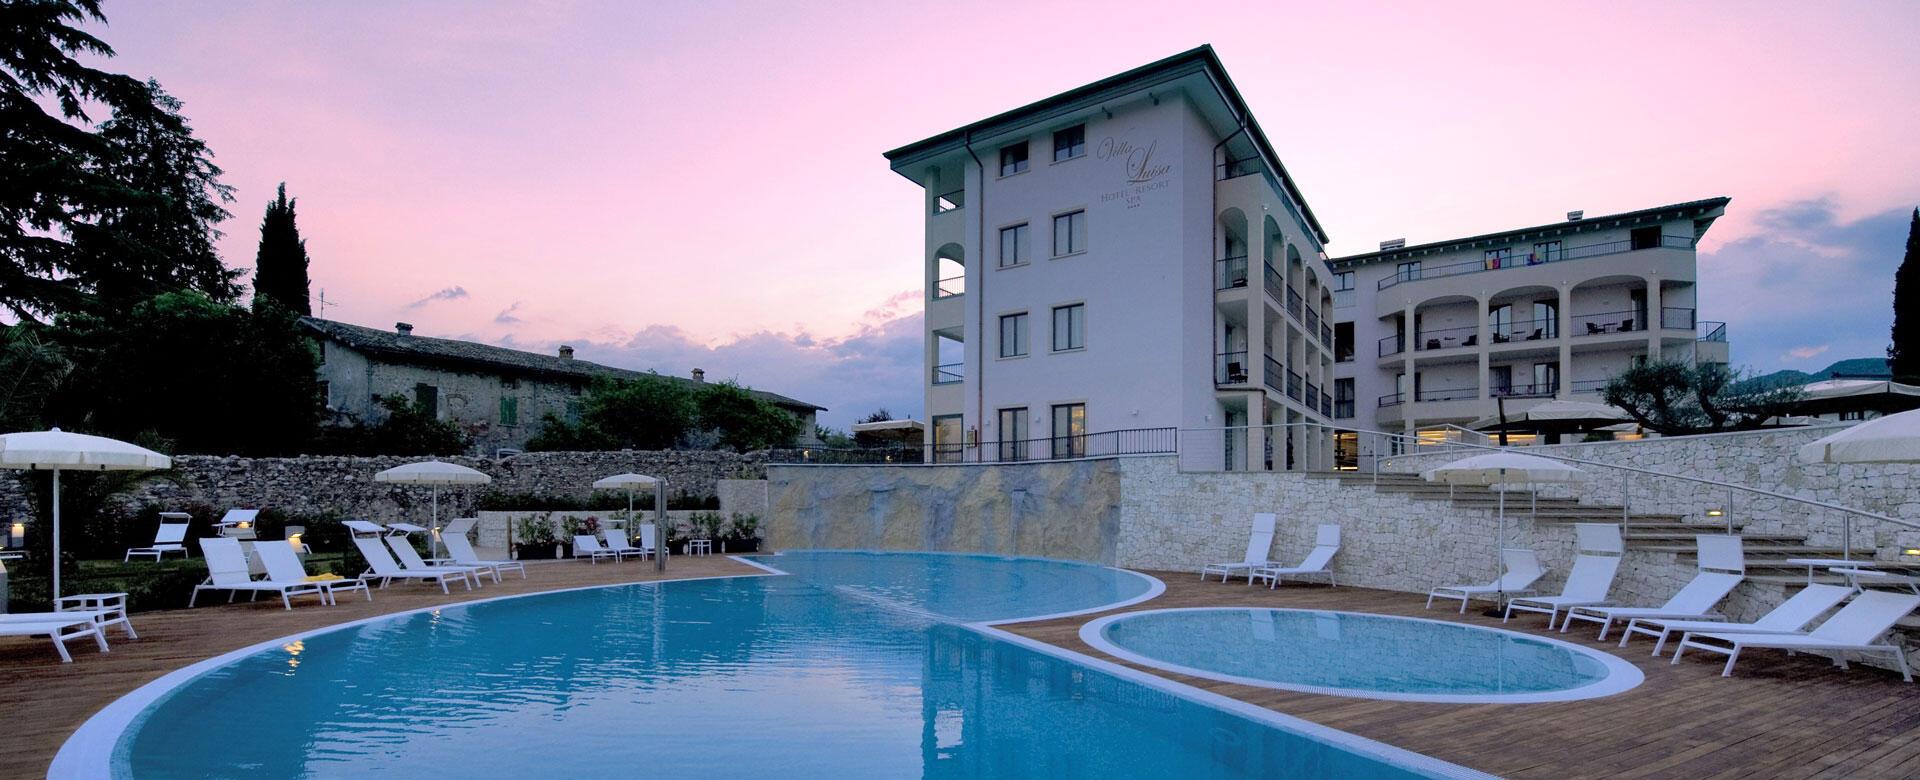 hotelvillaluisa it vacanze-in-sicurezza 003